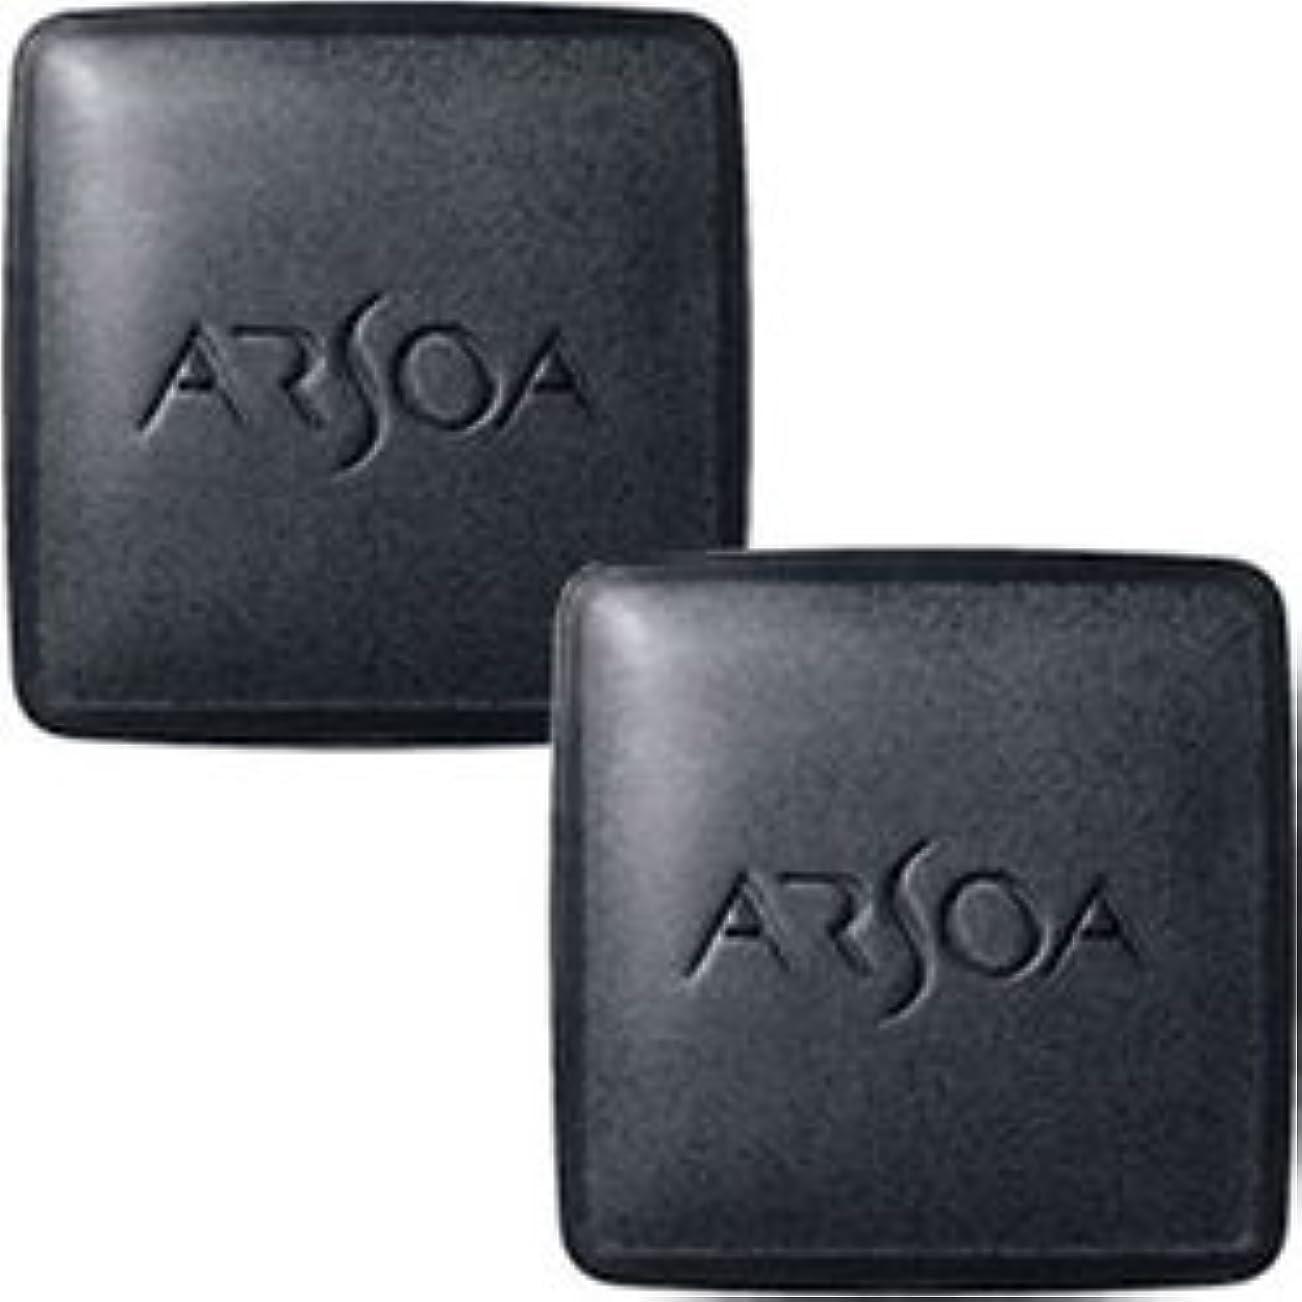 データム税金好意アルソア(ARSOA) クイーンシルバー メイトサイズ(20g×2個入)[並行輸入品]